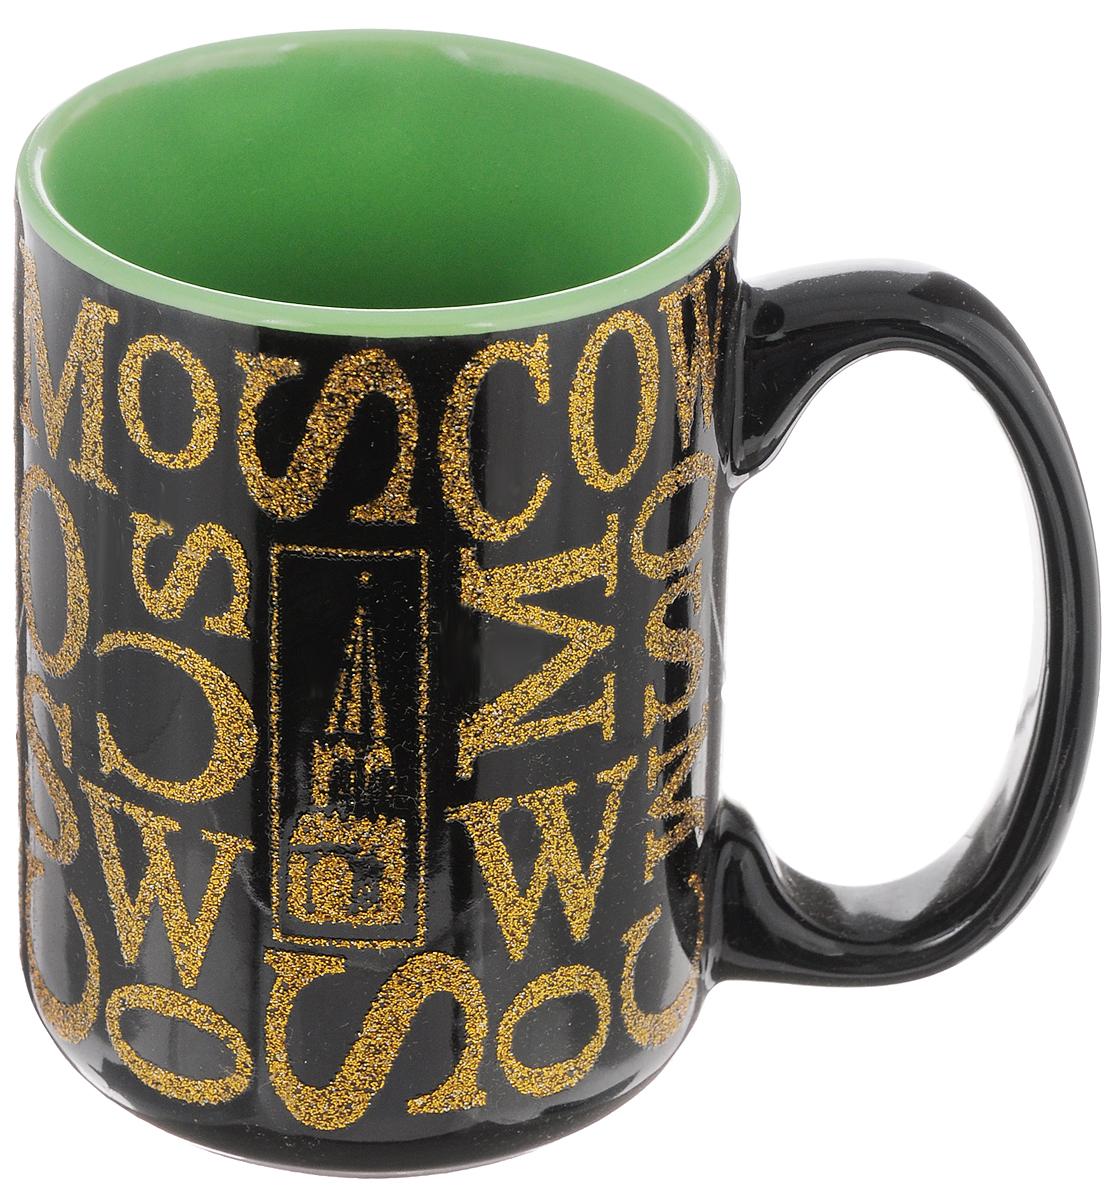 Кружка сувенирная Loraine Москва, 400 мл кружка мини сувенирная 20мл фарфор